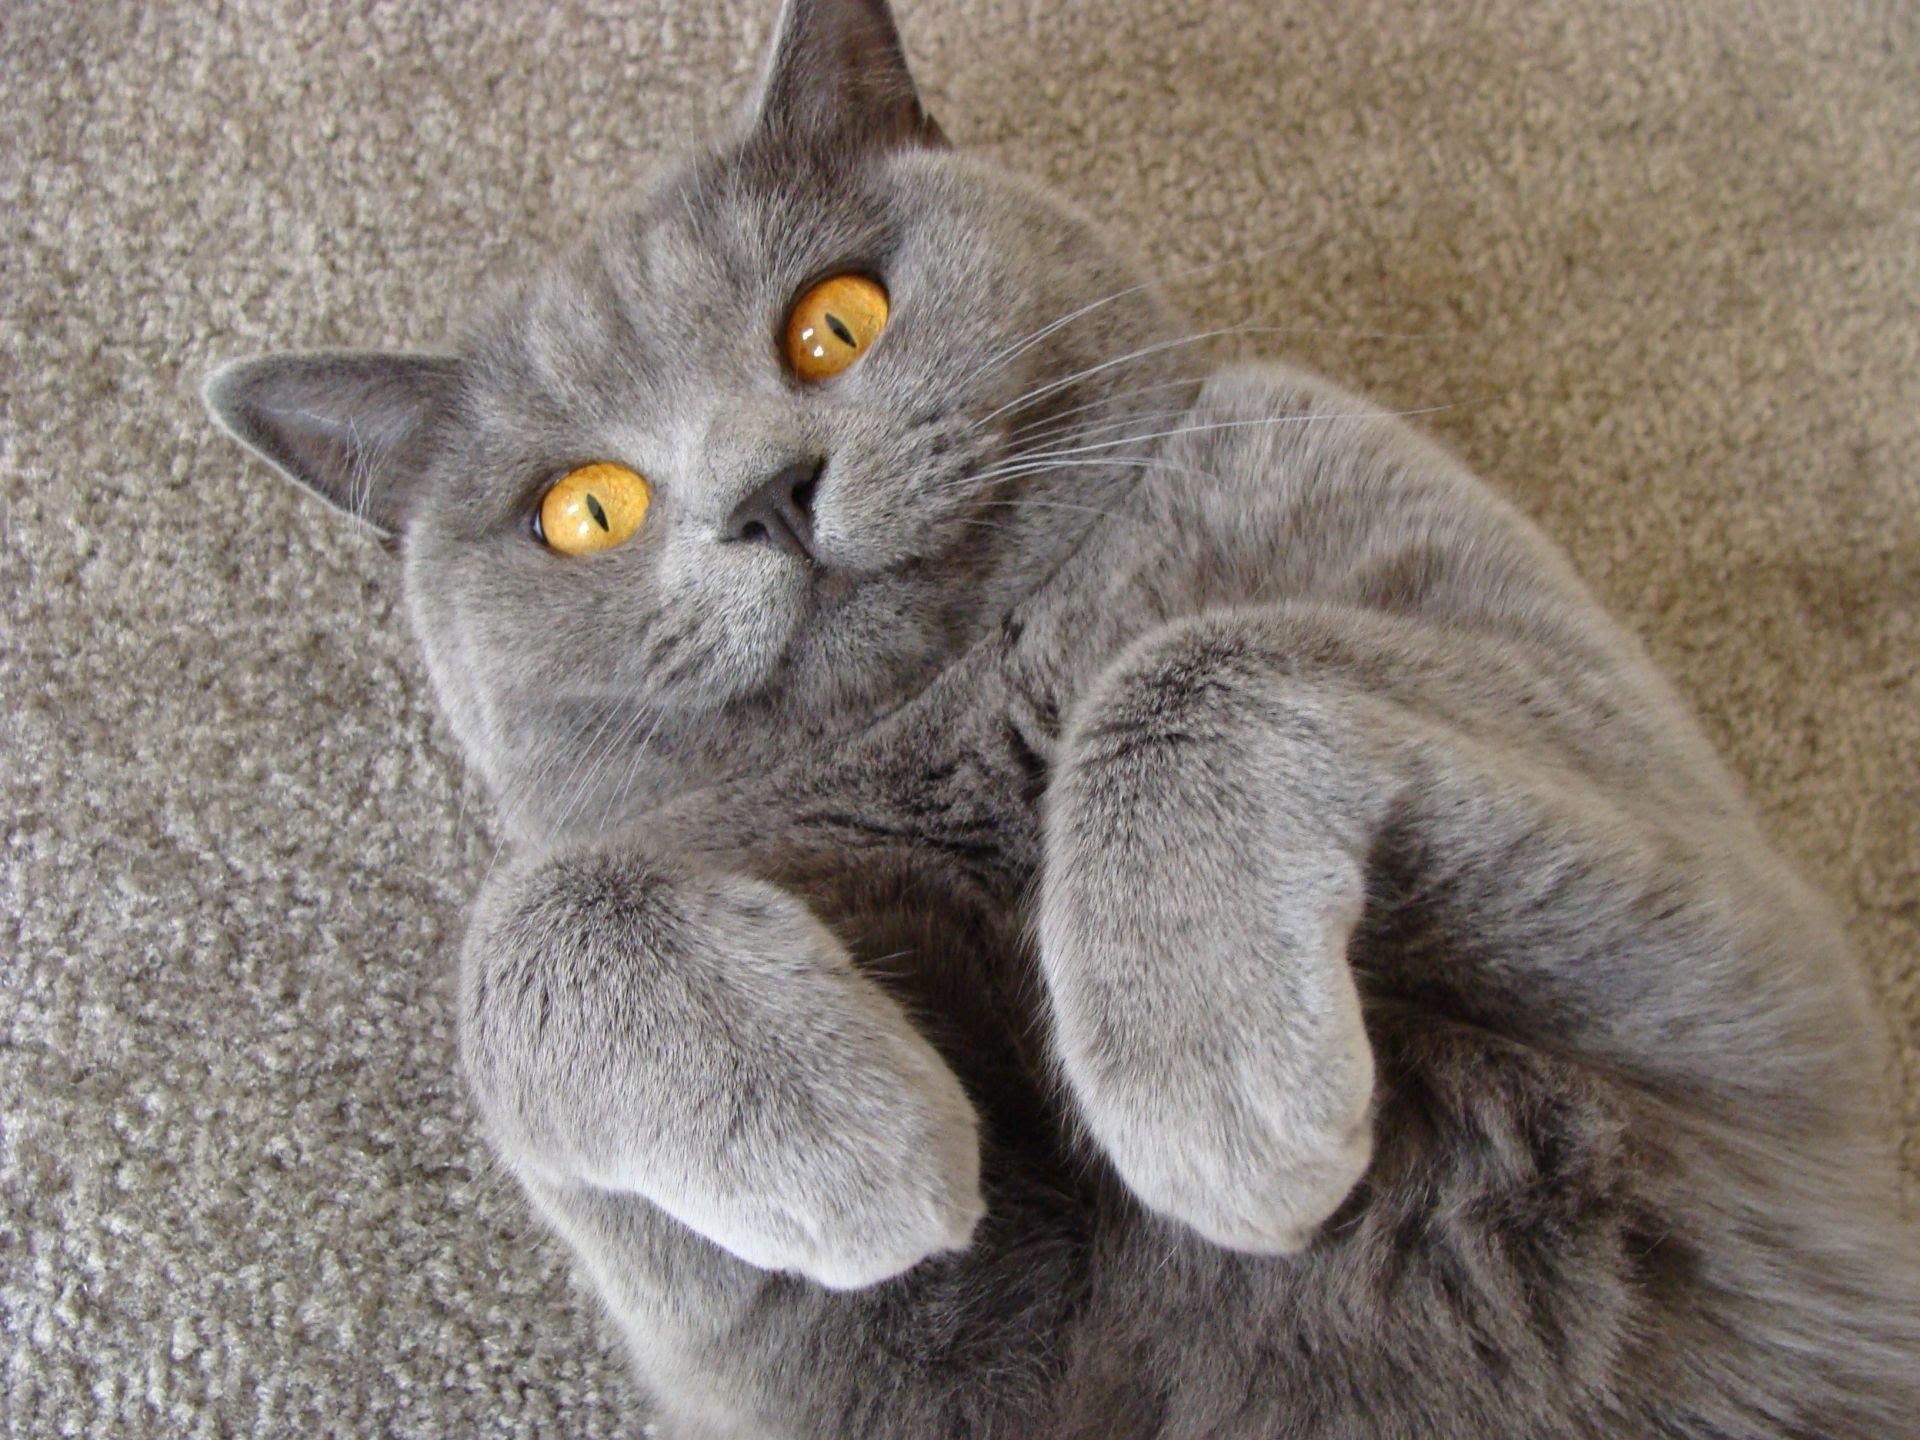 смешные коты британцы картинки согласитесь, готовый вид